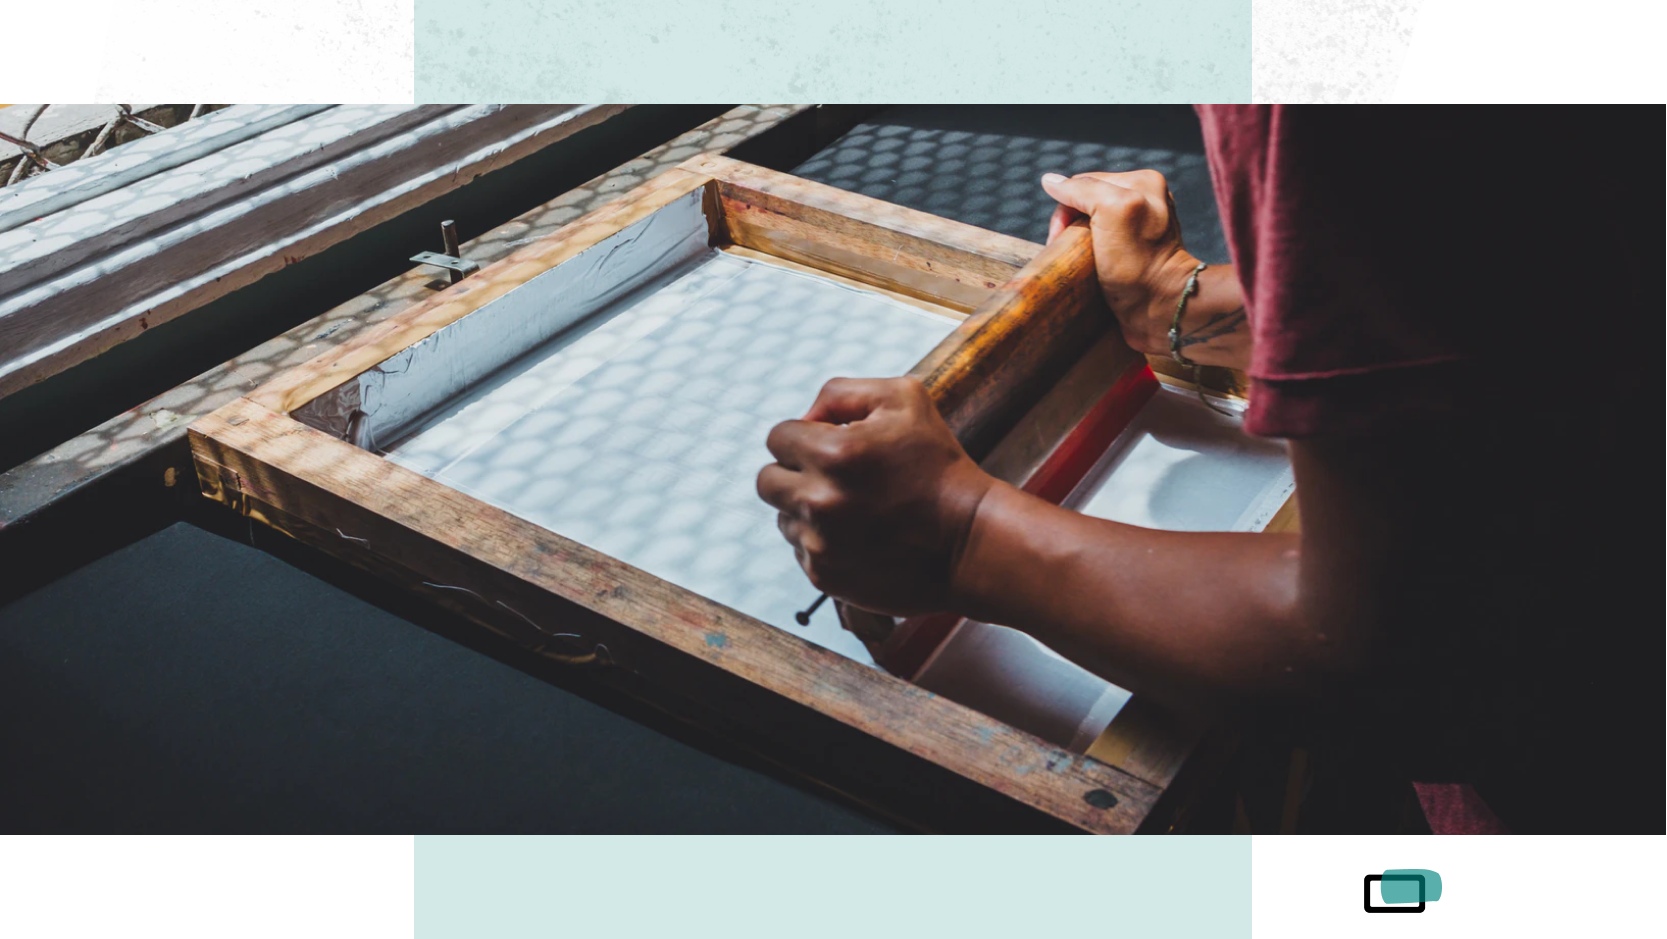 Quelles assurances pour mon activité d'artisan ? 📄